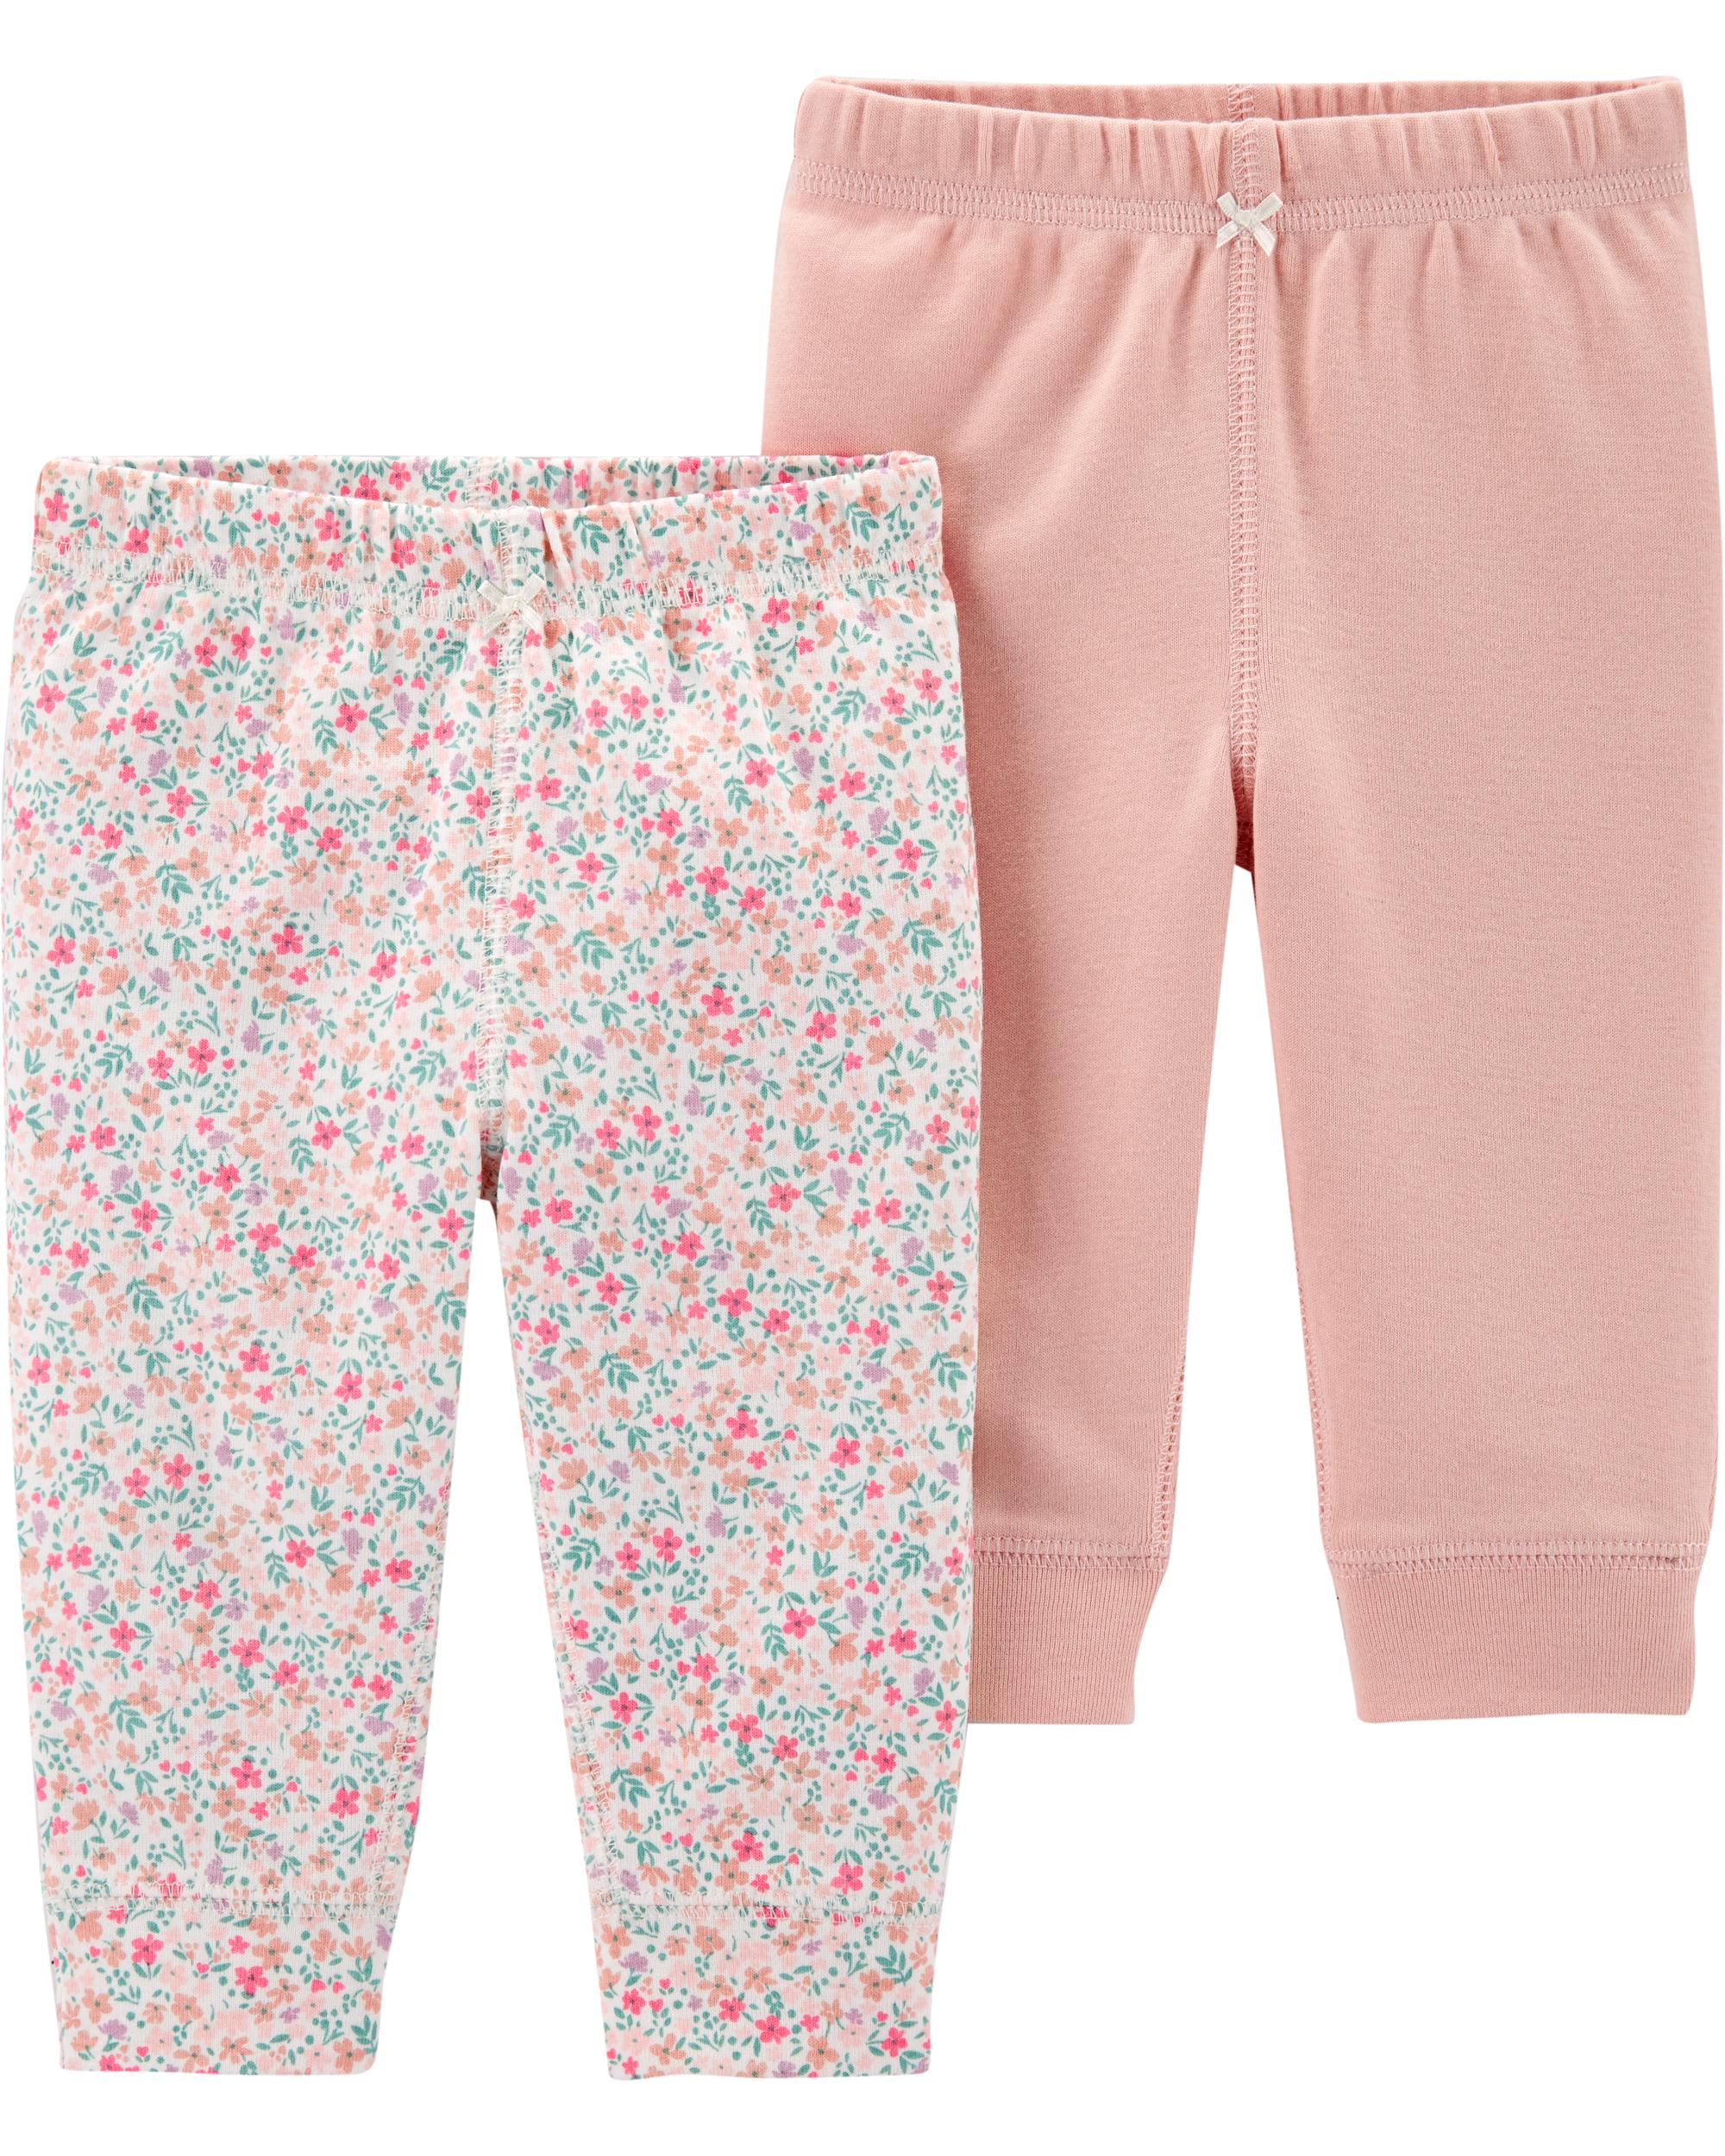 זוג מכנסיים ורוד/פרחוני